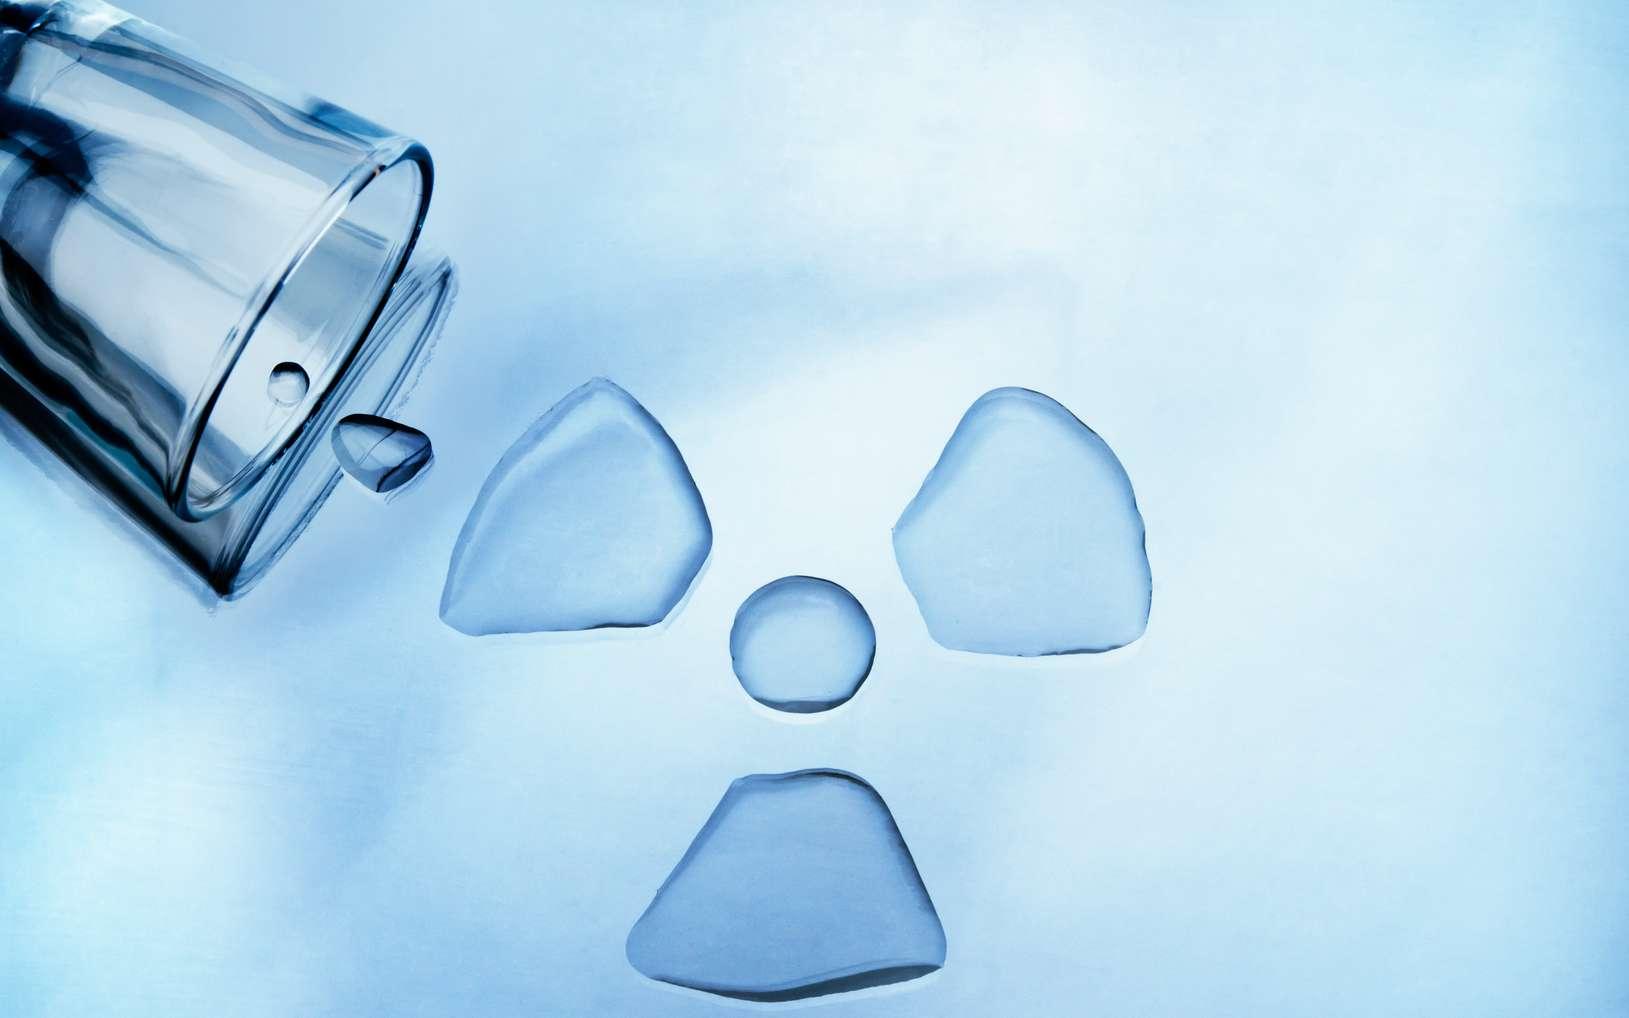 Radioactivité : quels sont les seuils de danger ? © pogonici, Fotolia